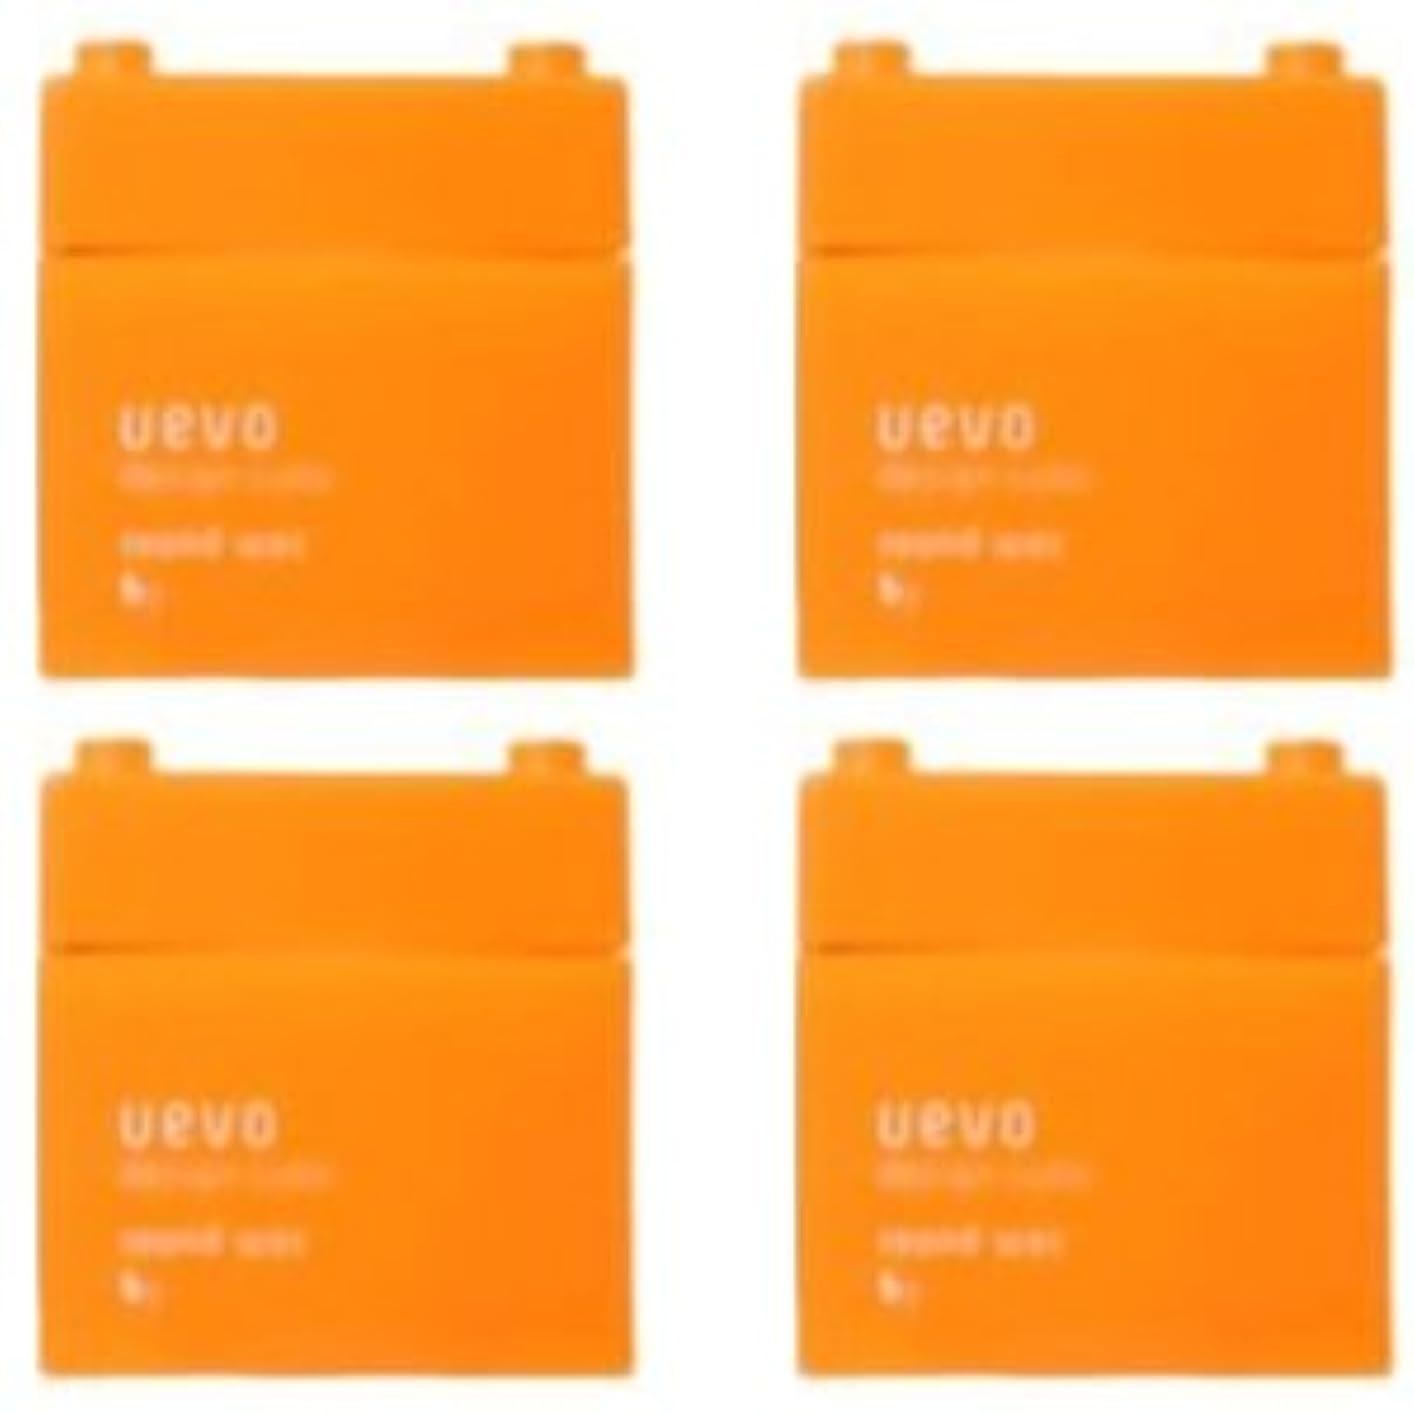 愛トラクターに【X4個セット】 デミ ウェーボ デザインキューブ ラウンドワックス 80g round wax DEMI uevo design cube